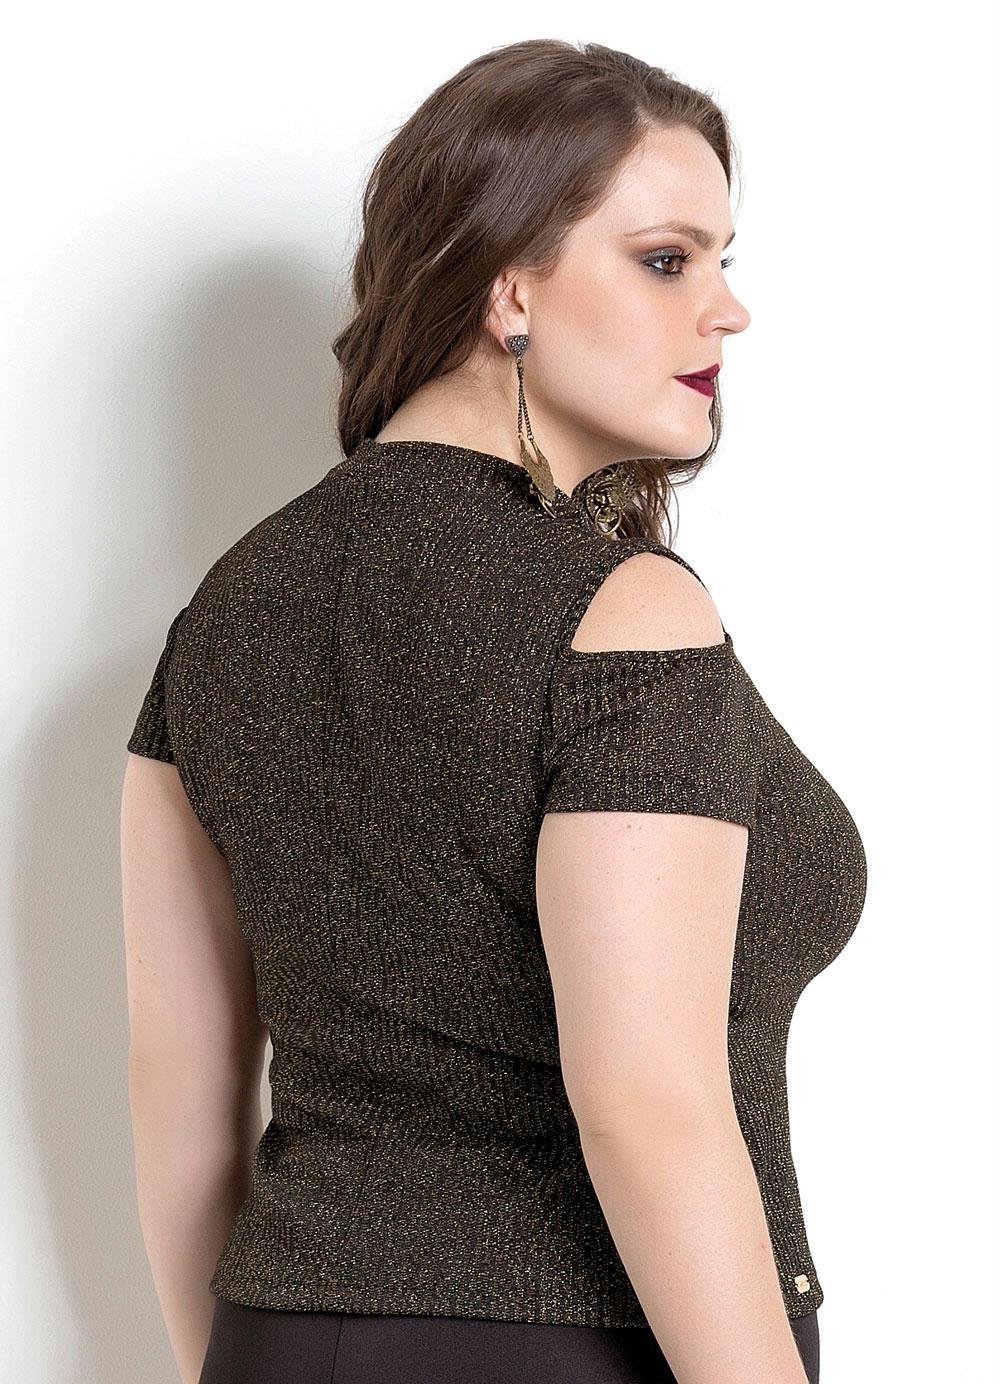 Blusa Preta e Dourada Quintess Plus Size - Quintess Outlet 031f22c0a171a